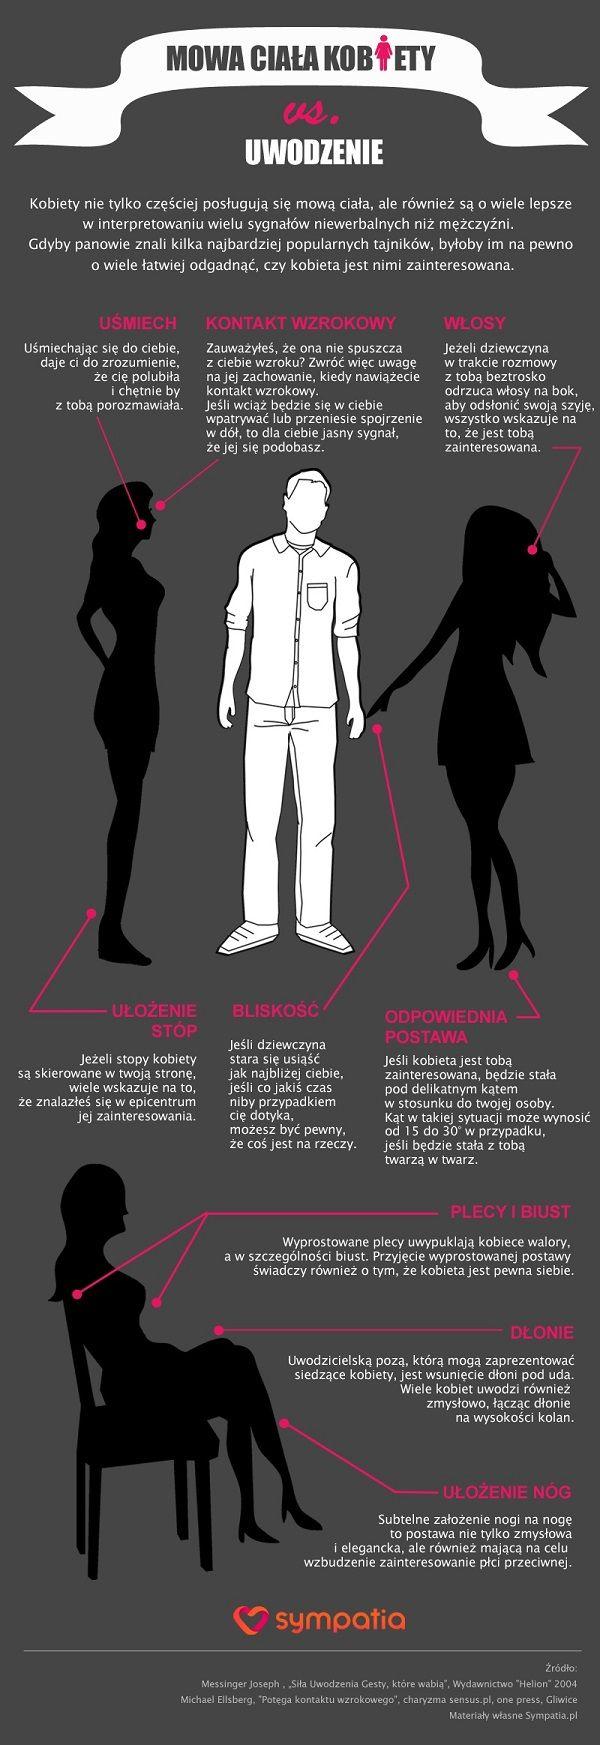 Jak uwodzą kobiety?